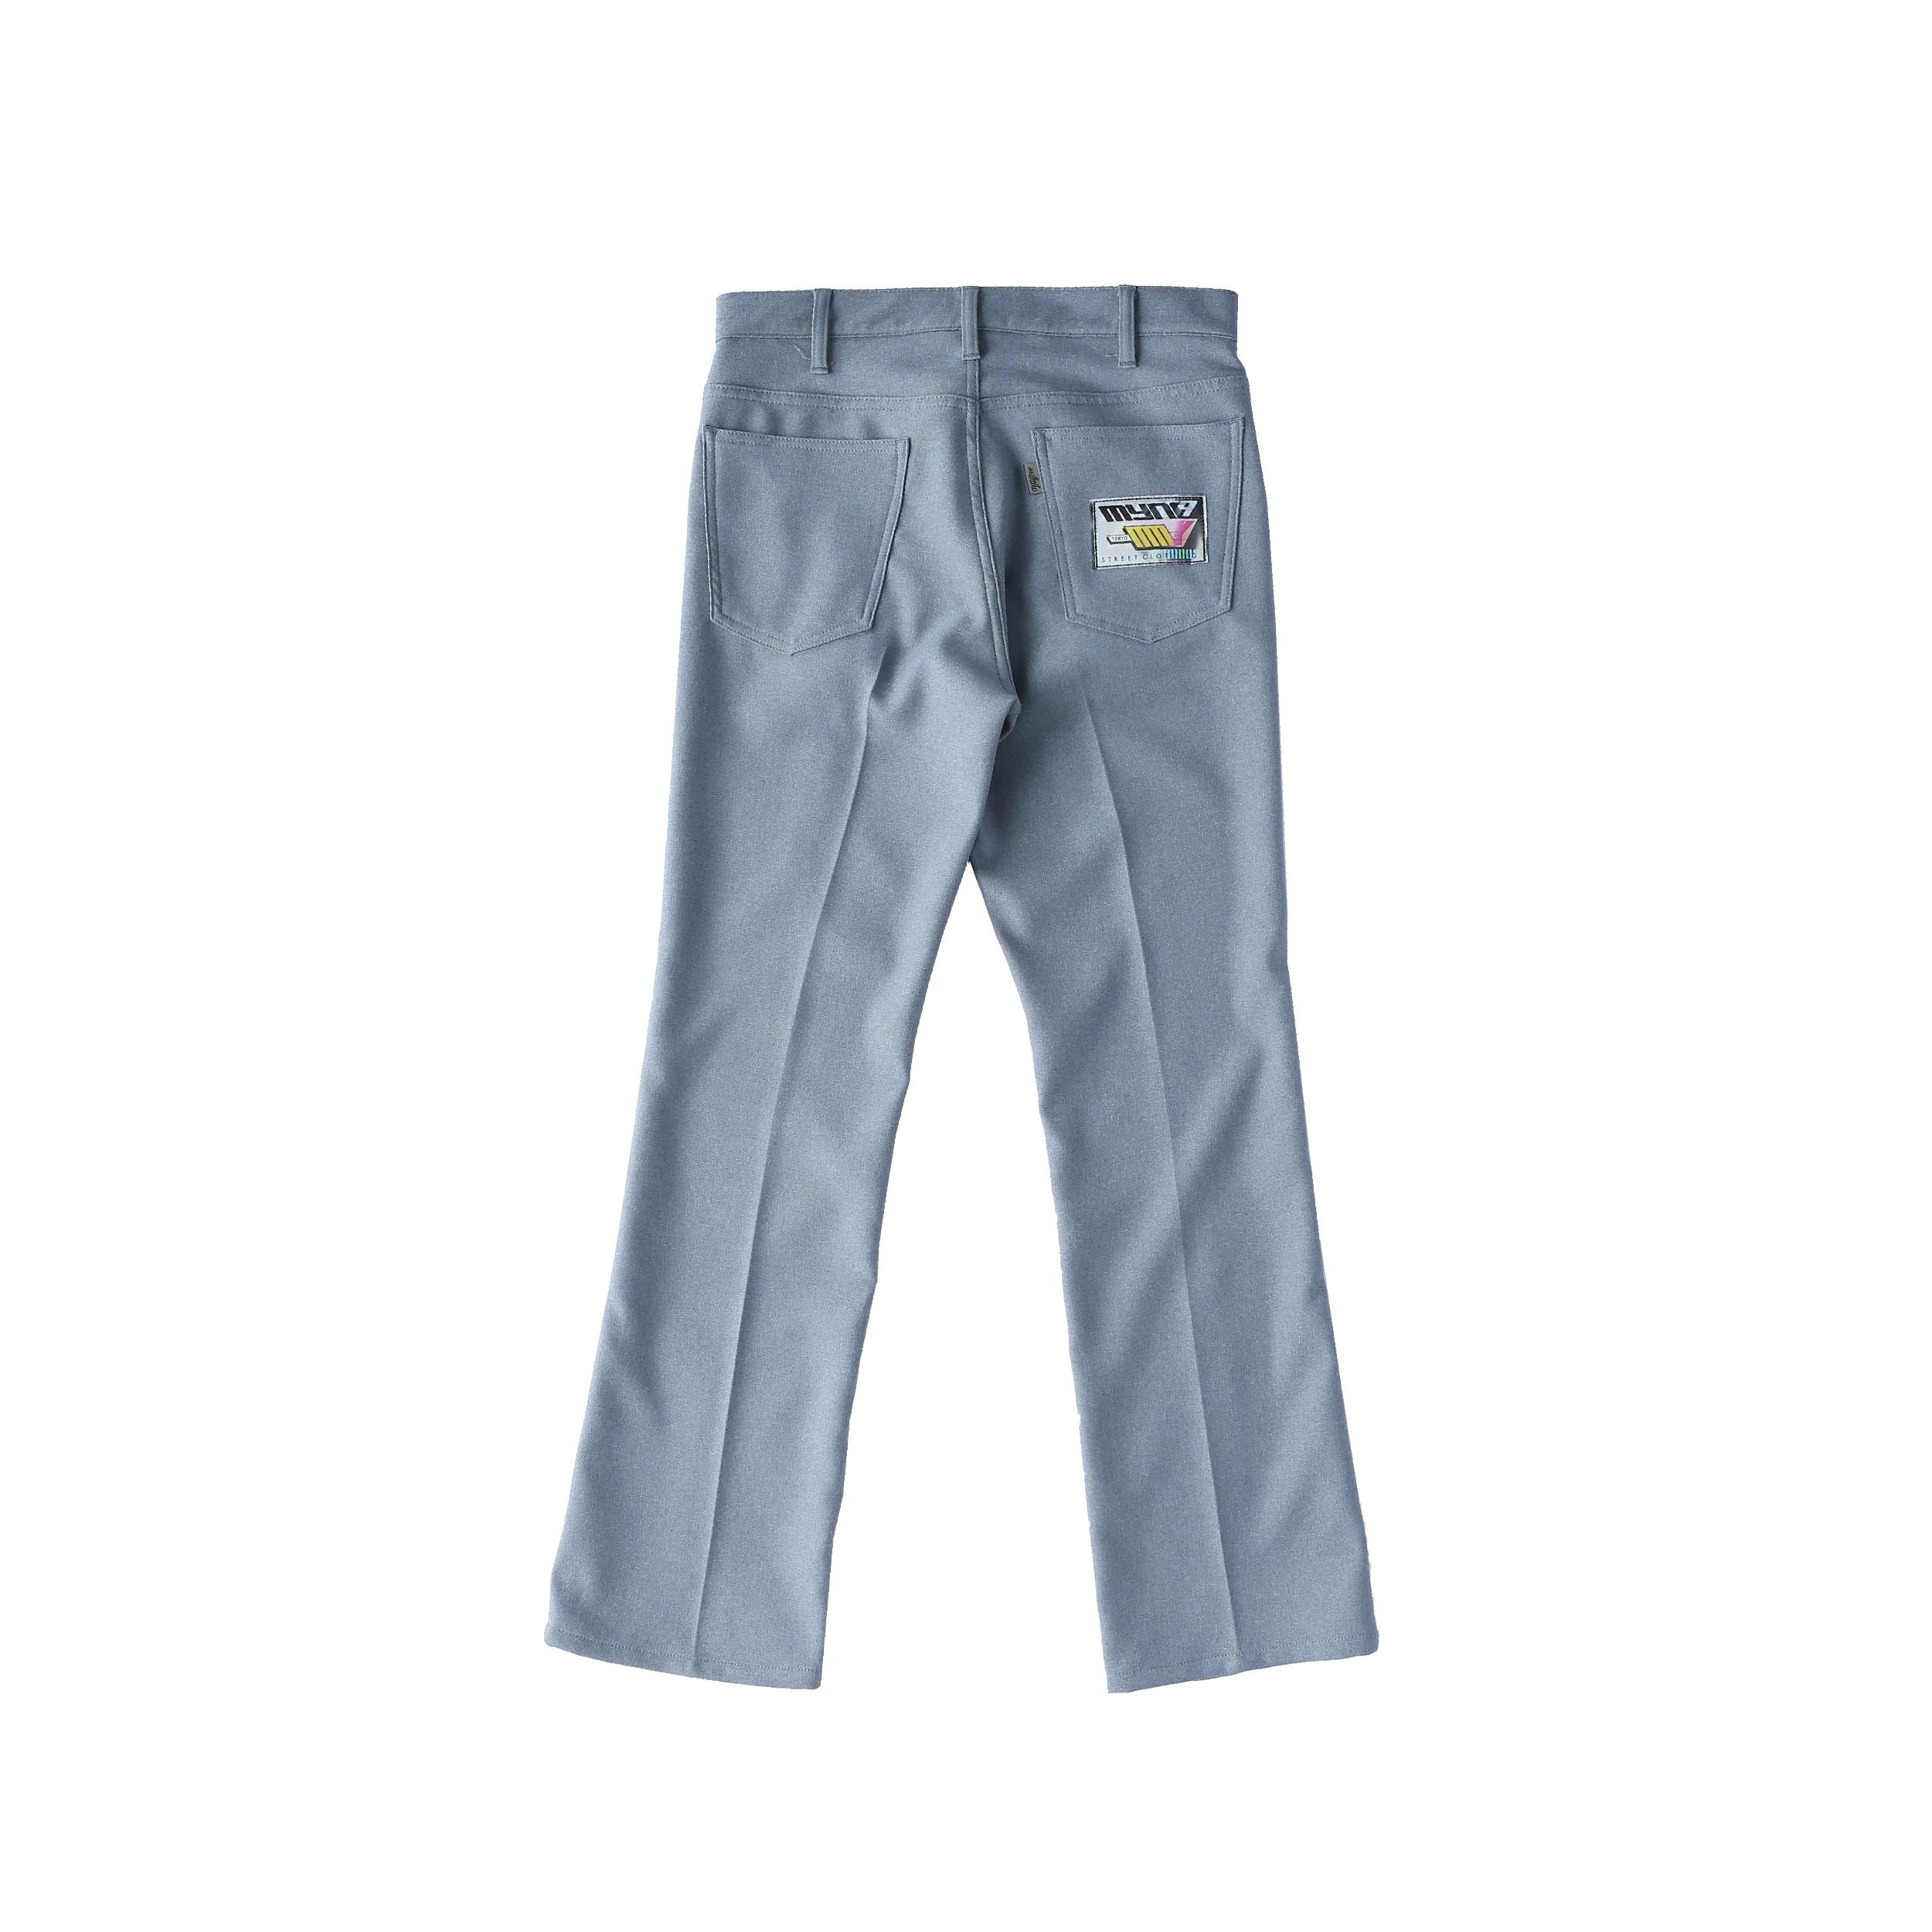 Wappen boot-cut pants / BLUE - 画像2